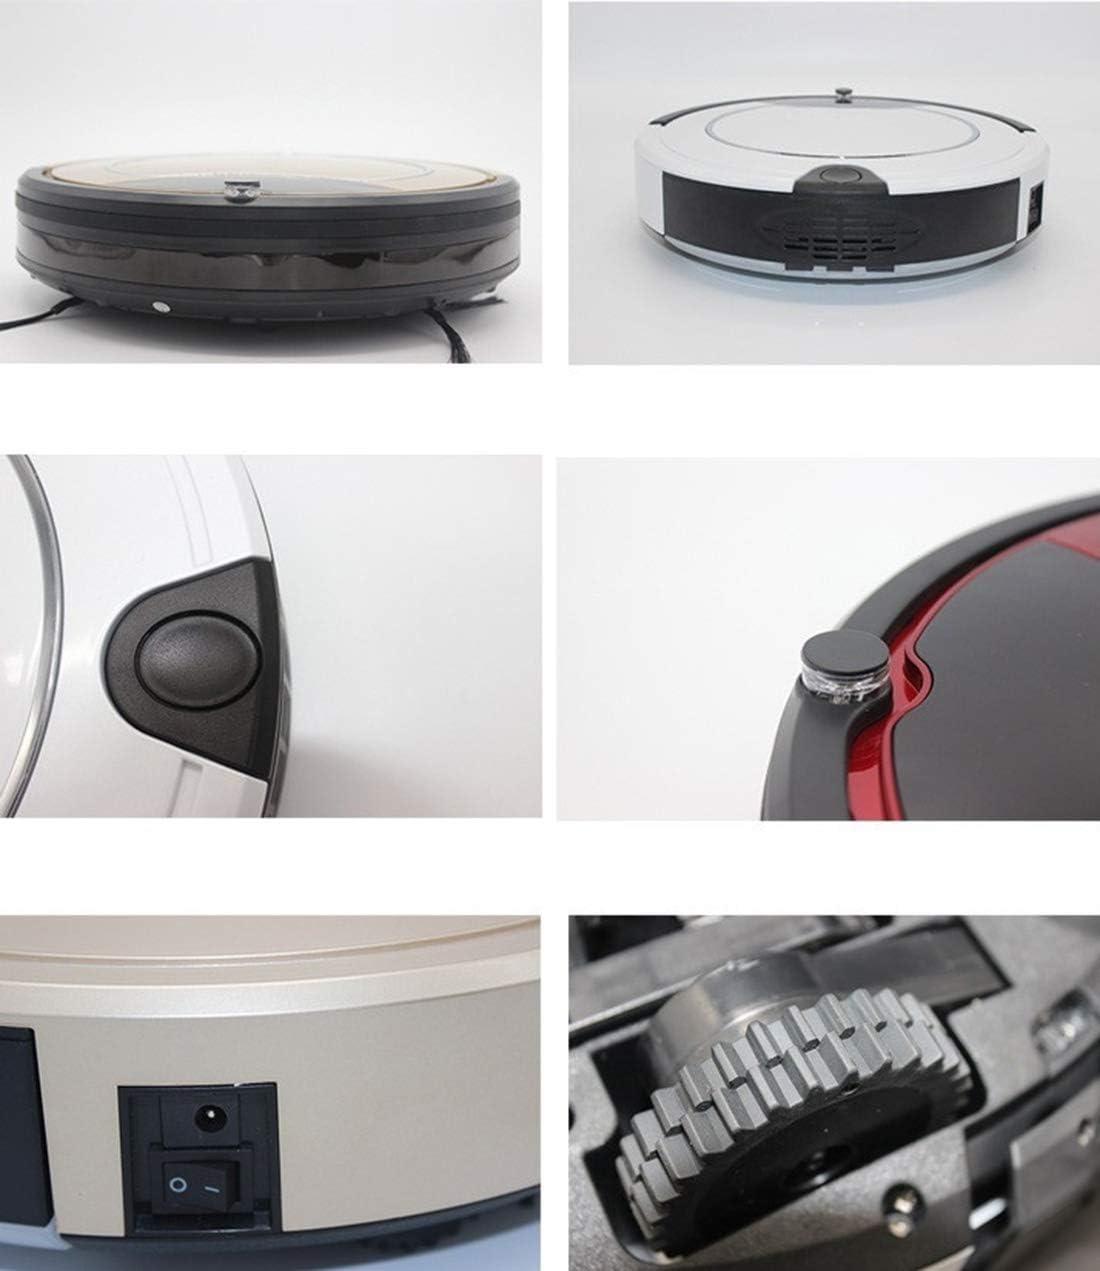 Gmjay Robot Aspirateur Intelligent Remplissage Automatique de Ménage Machine de Nettoyage Automatique Lazy Smart Aspirateur black